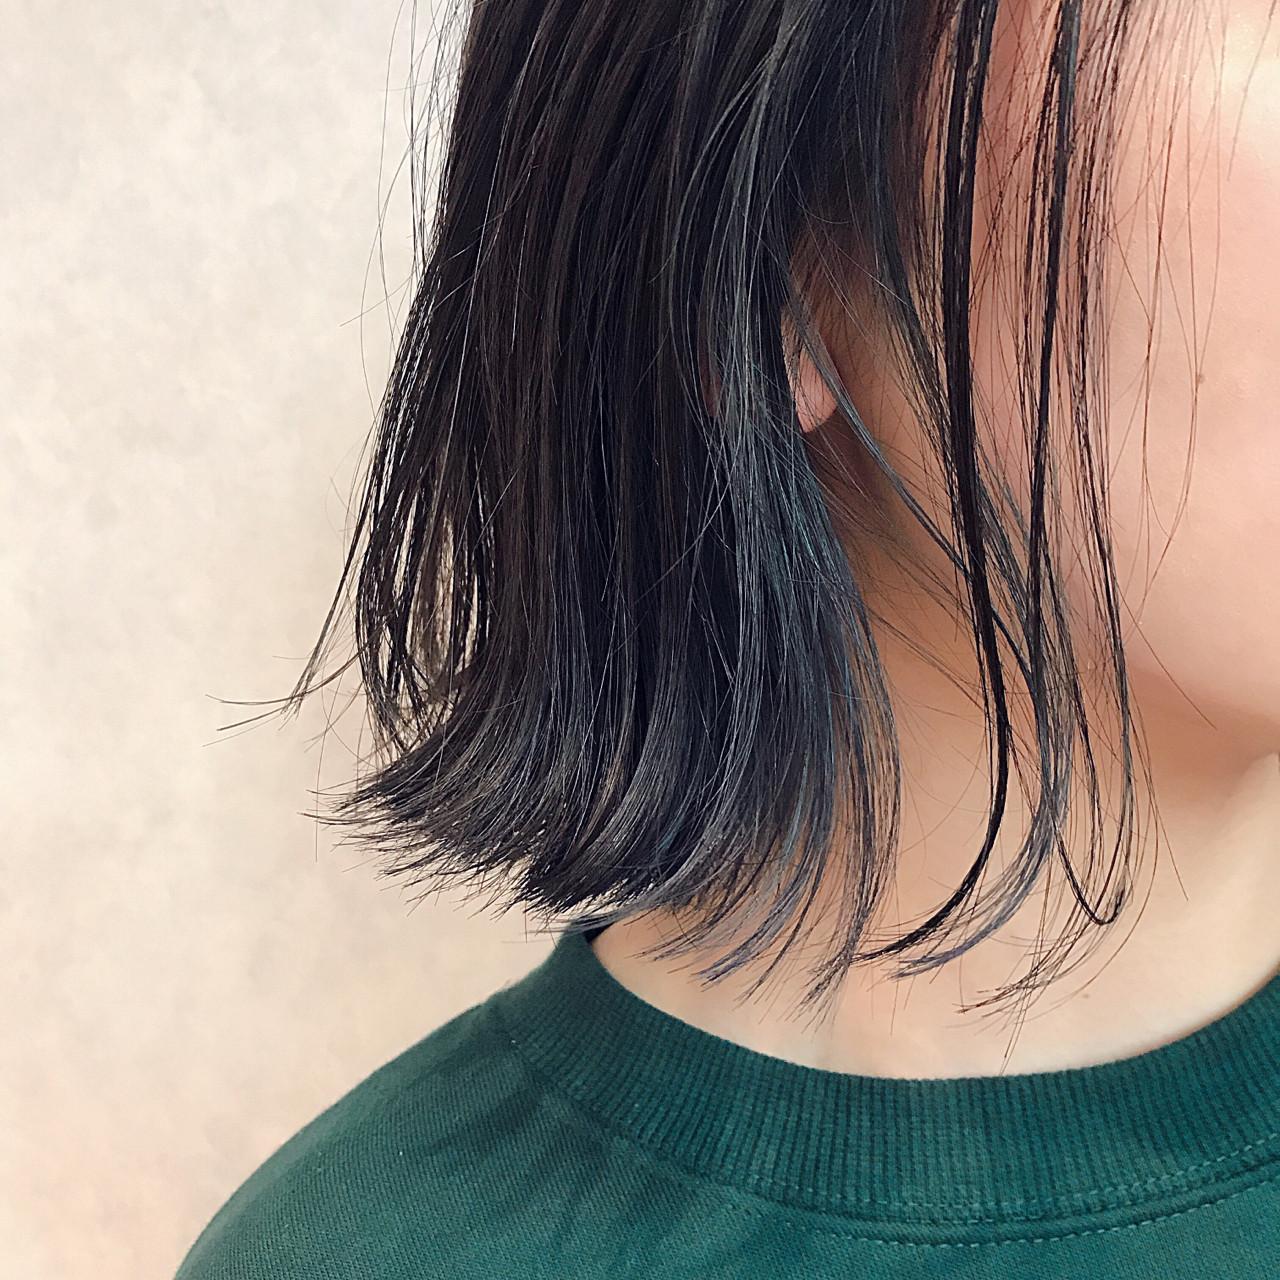 スポーツ ボブ ヘアアレンジ インナーカラー ヘアスタイルや髪型の写真・画像 | 永澤佑衣 / December